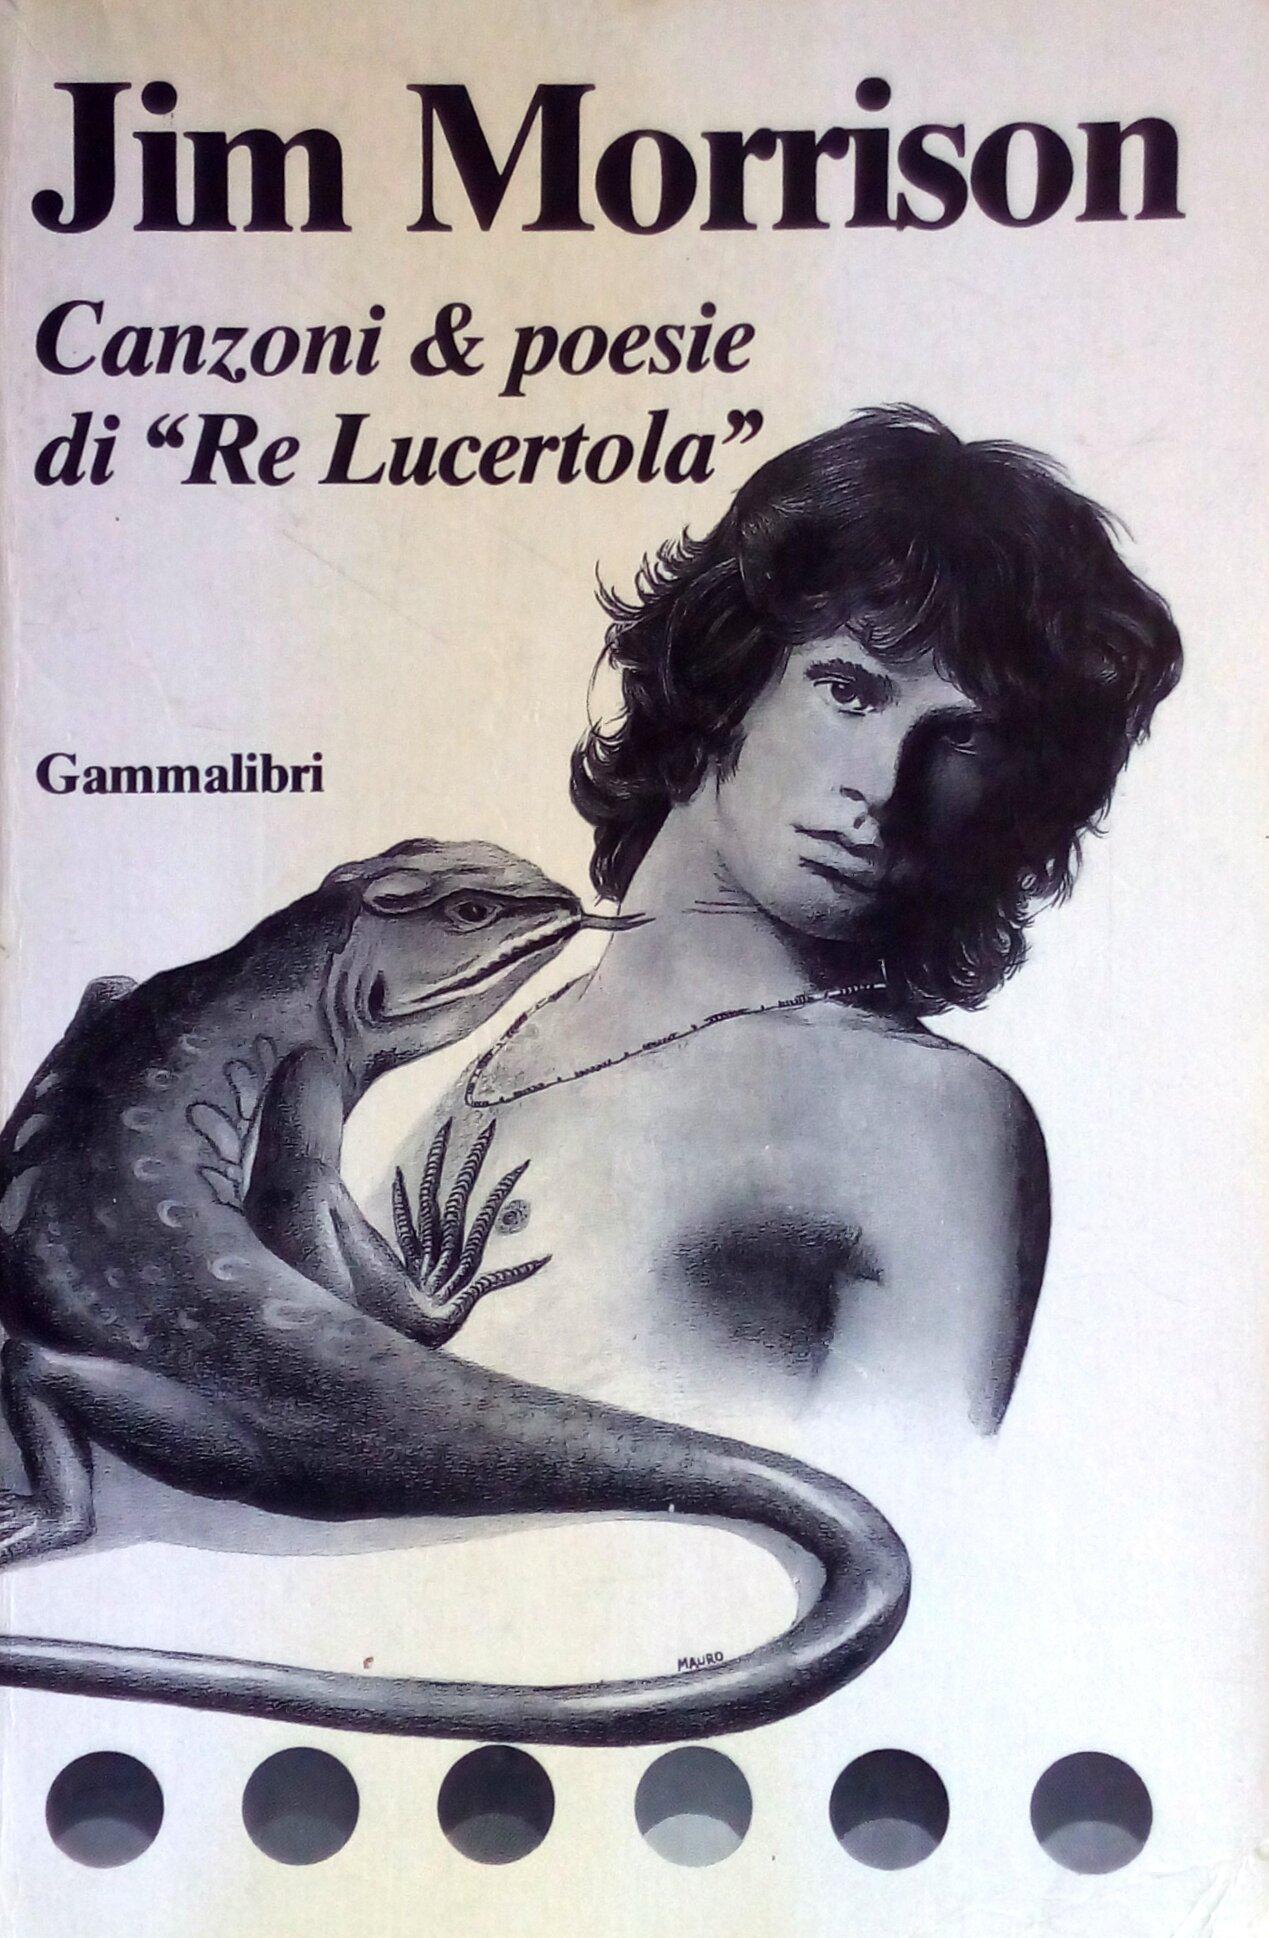 Canzoni & Poesie del Re Lucertola